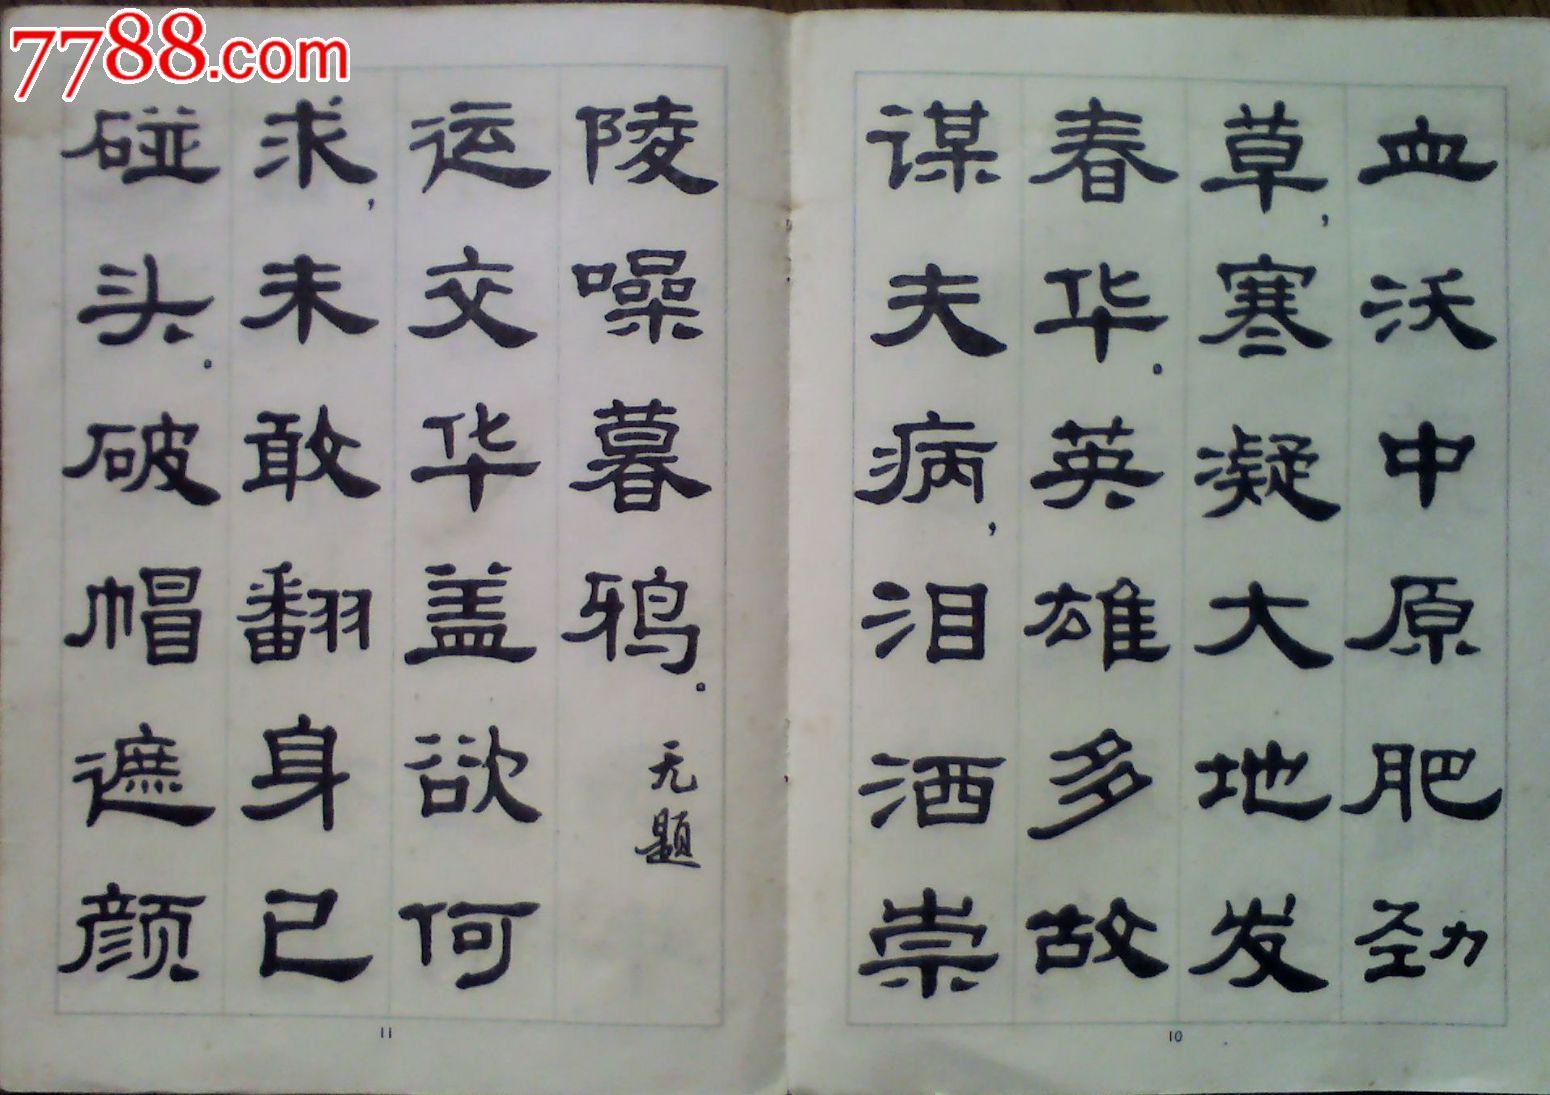 隶书字帖(二)鲁迅诗歌选图片